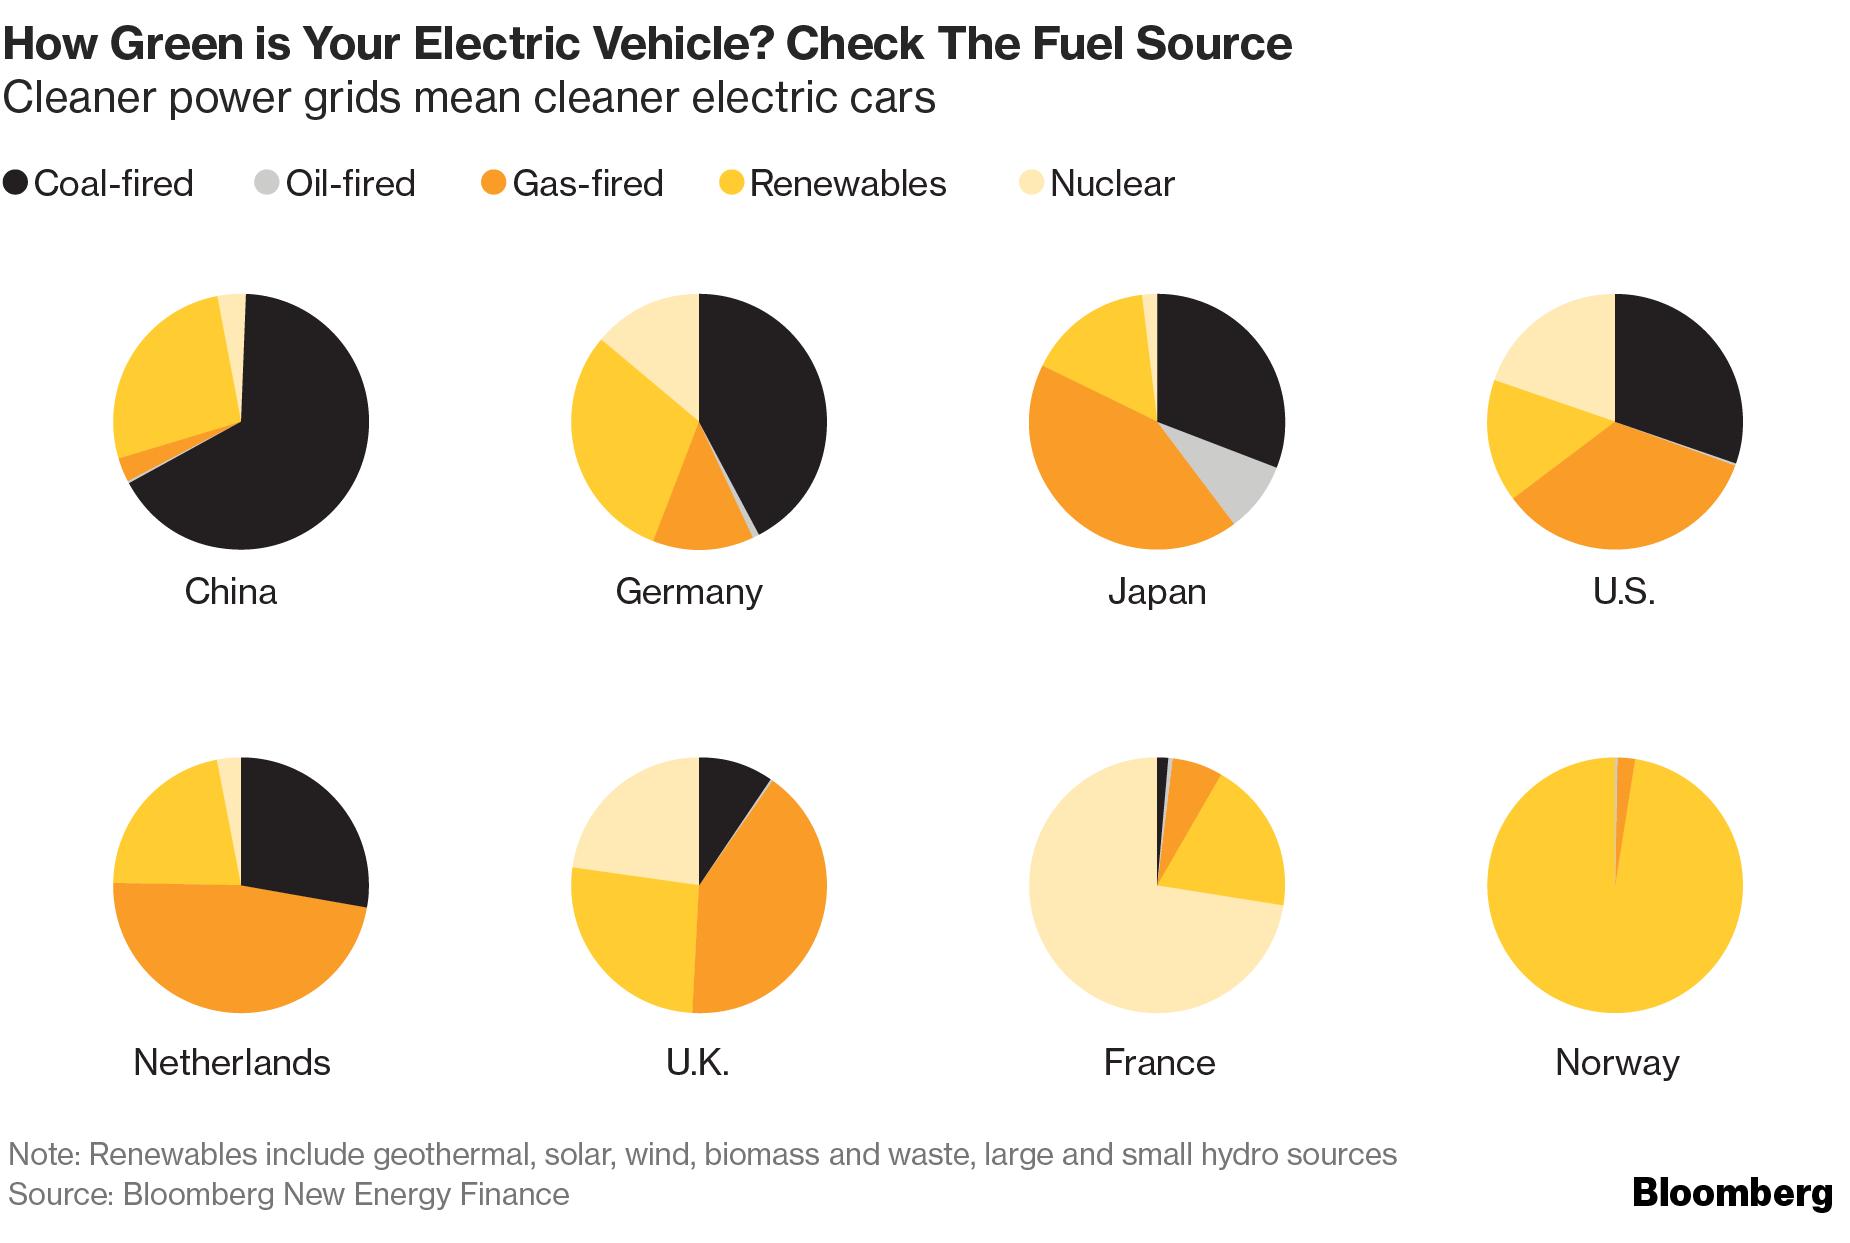 чистая энергетика по странам